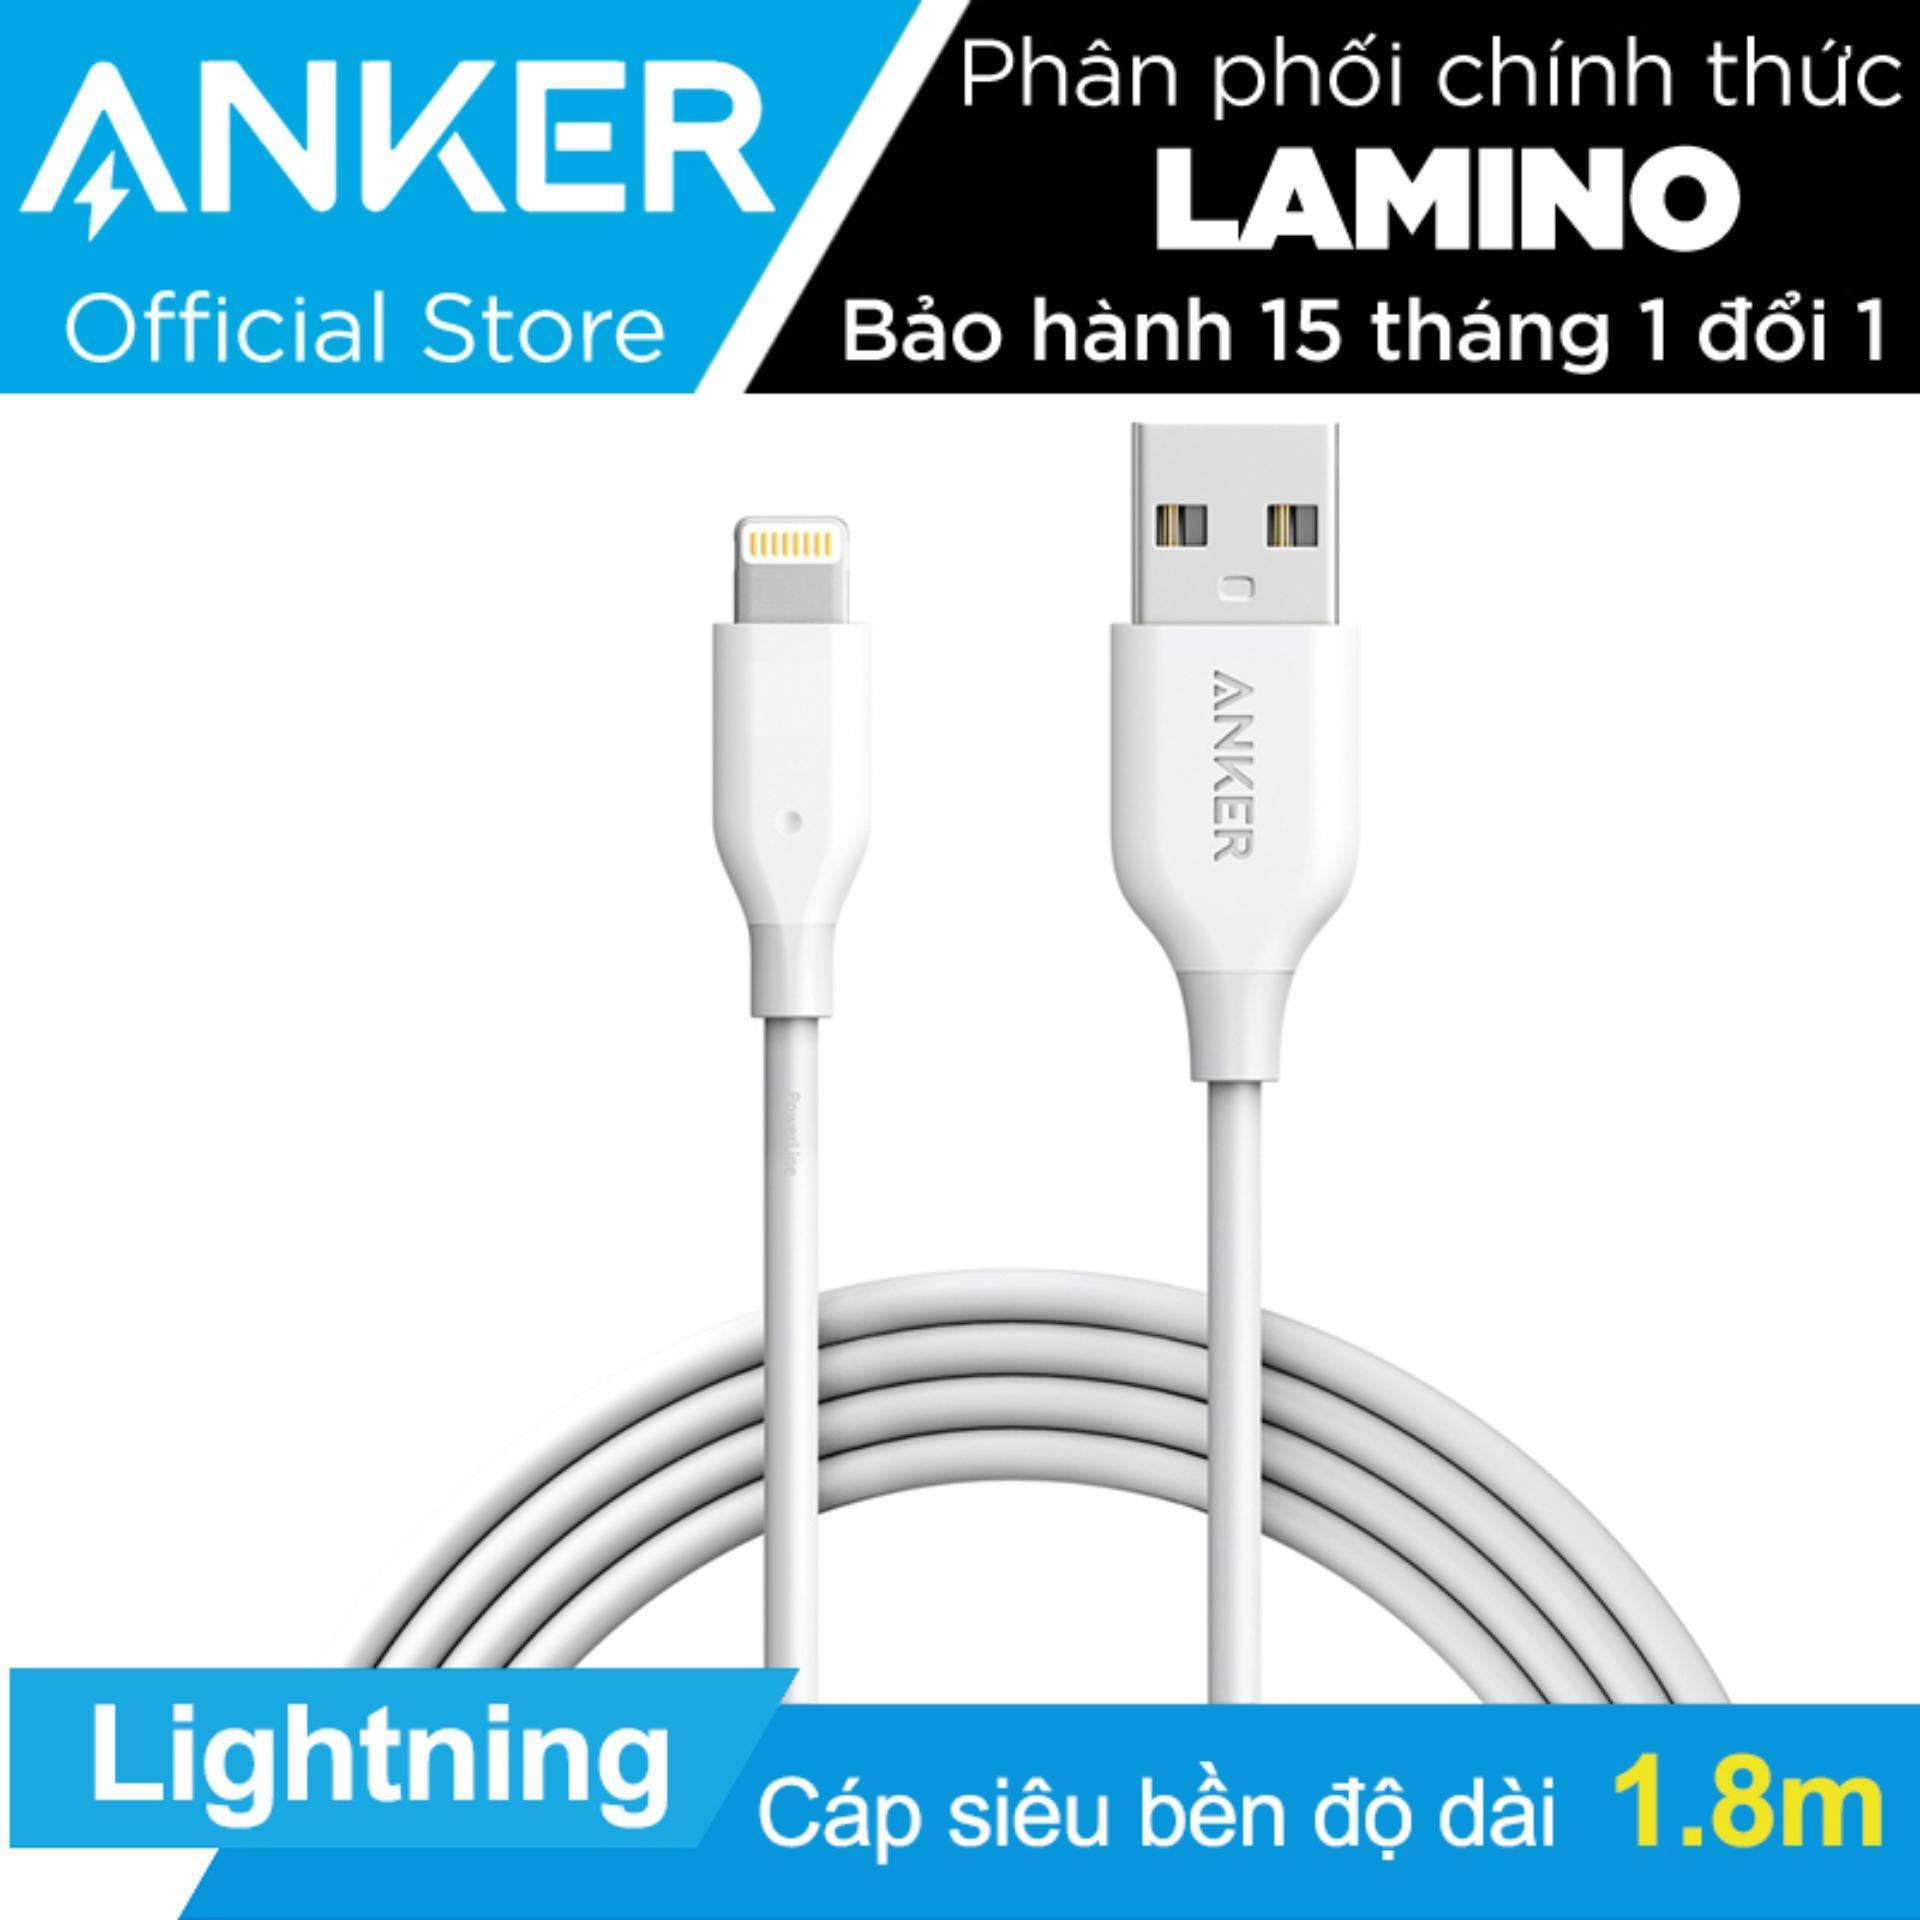 Mã Khuyến Mại Cap Sạc Sieu Bền Anker Powerline Lightning 1 8M Cho Iphone Ipad Ipod Trắng Hang Phan Phối Chinh Thức Hồ Chí Minh